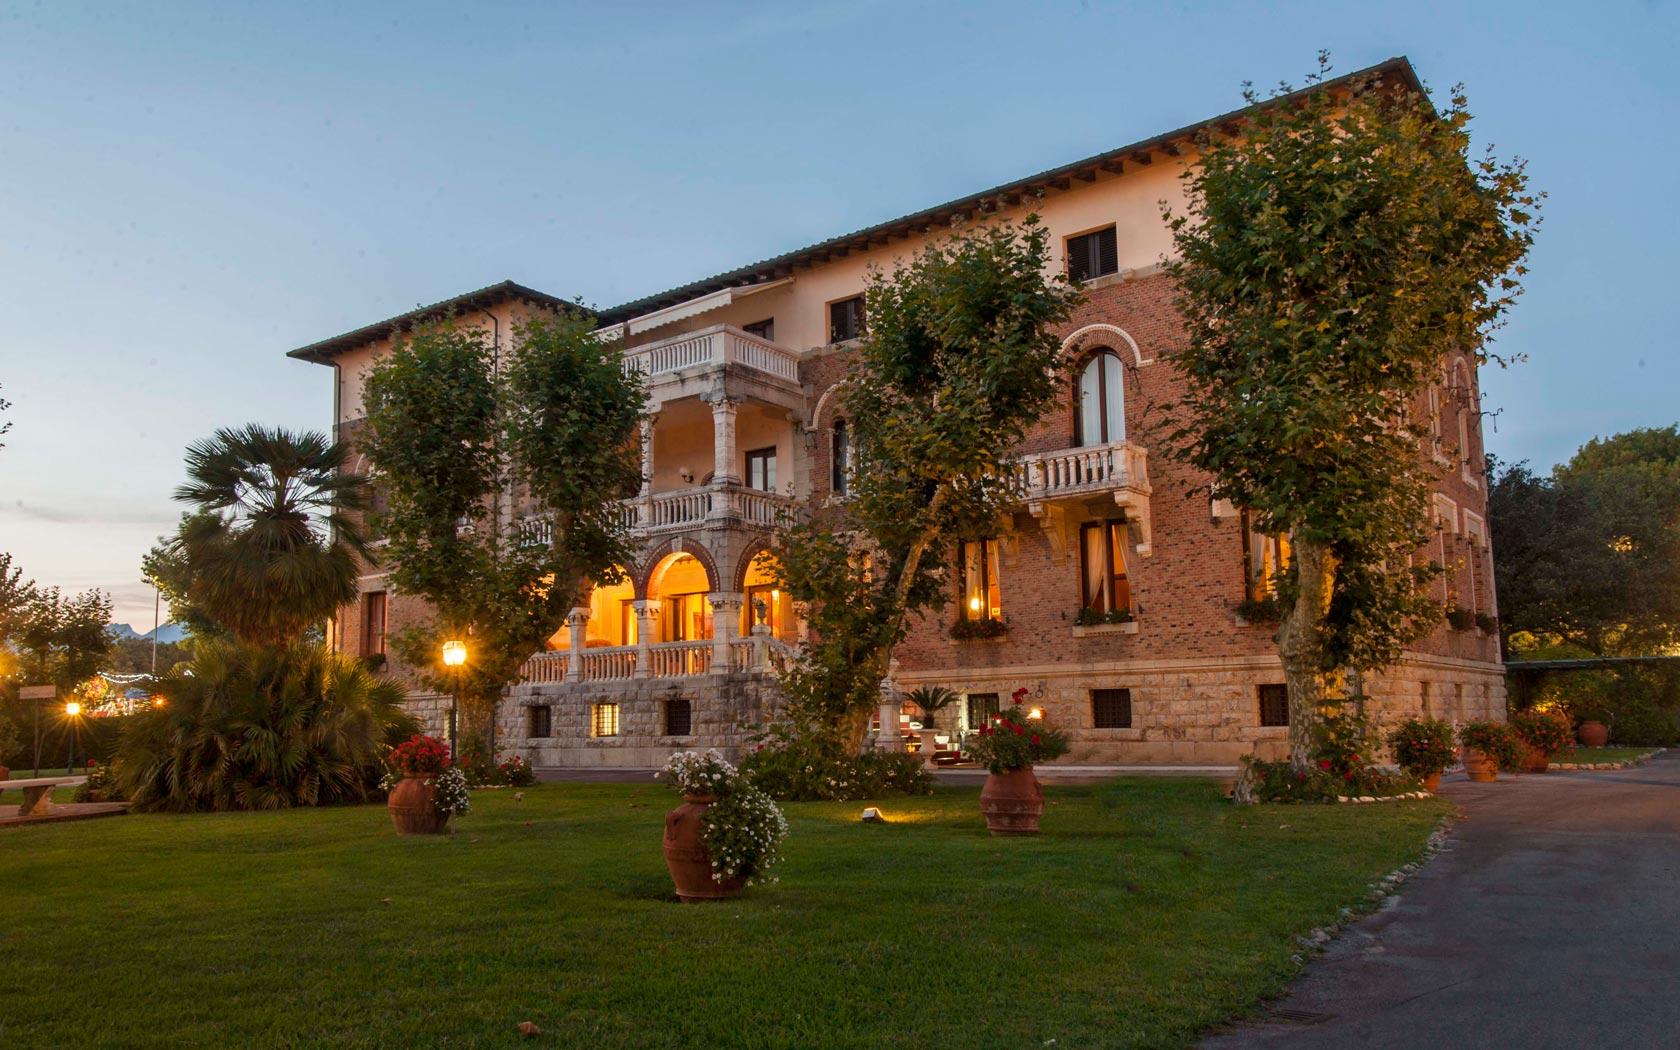 4-star Hotel Lido di Camaiore